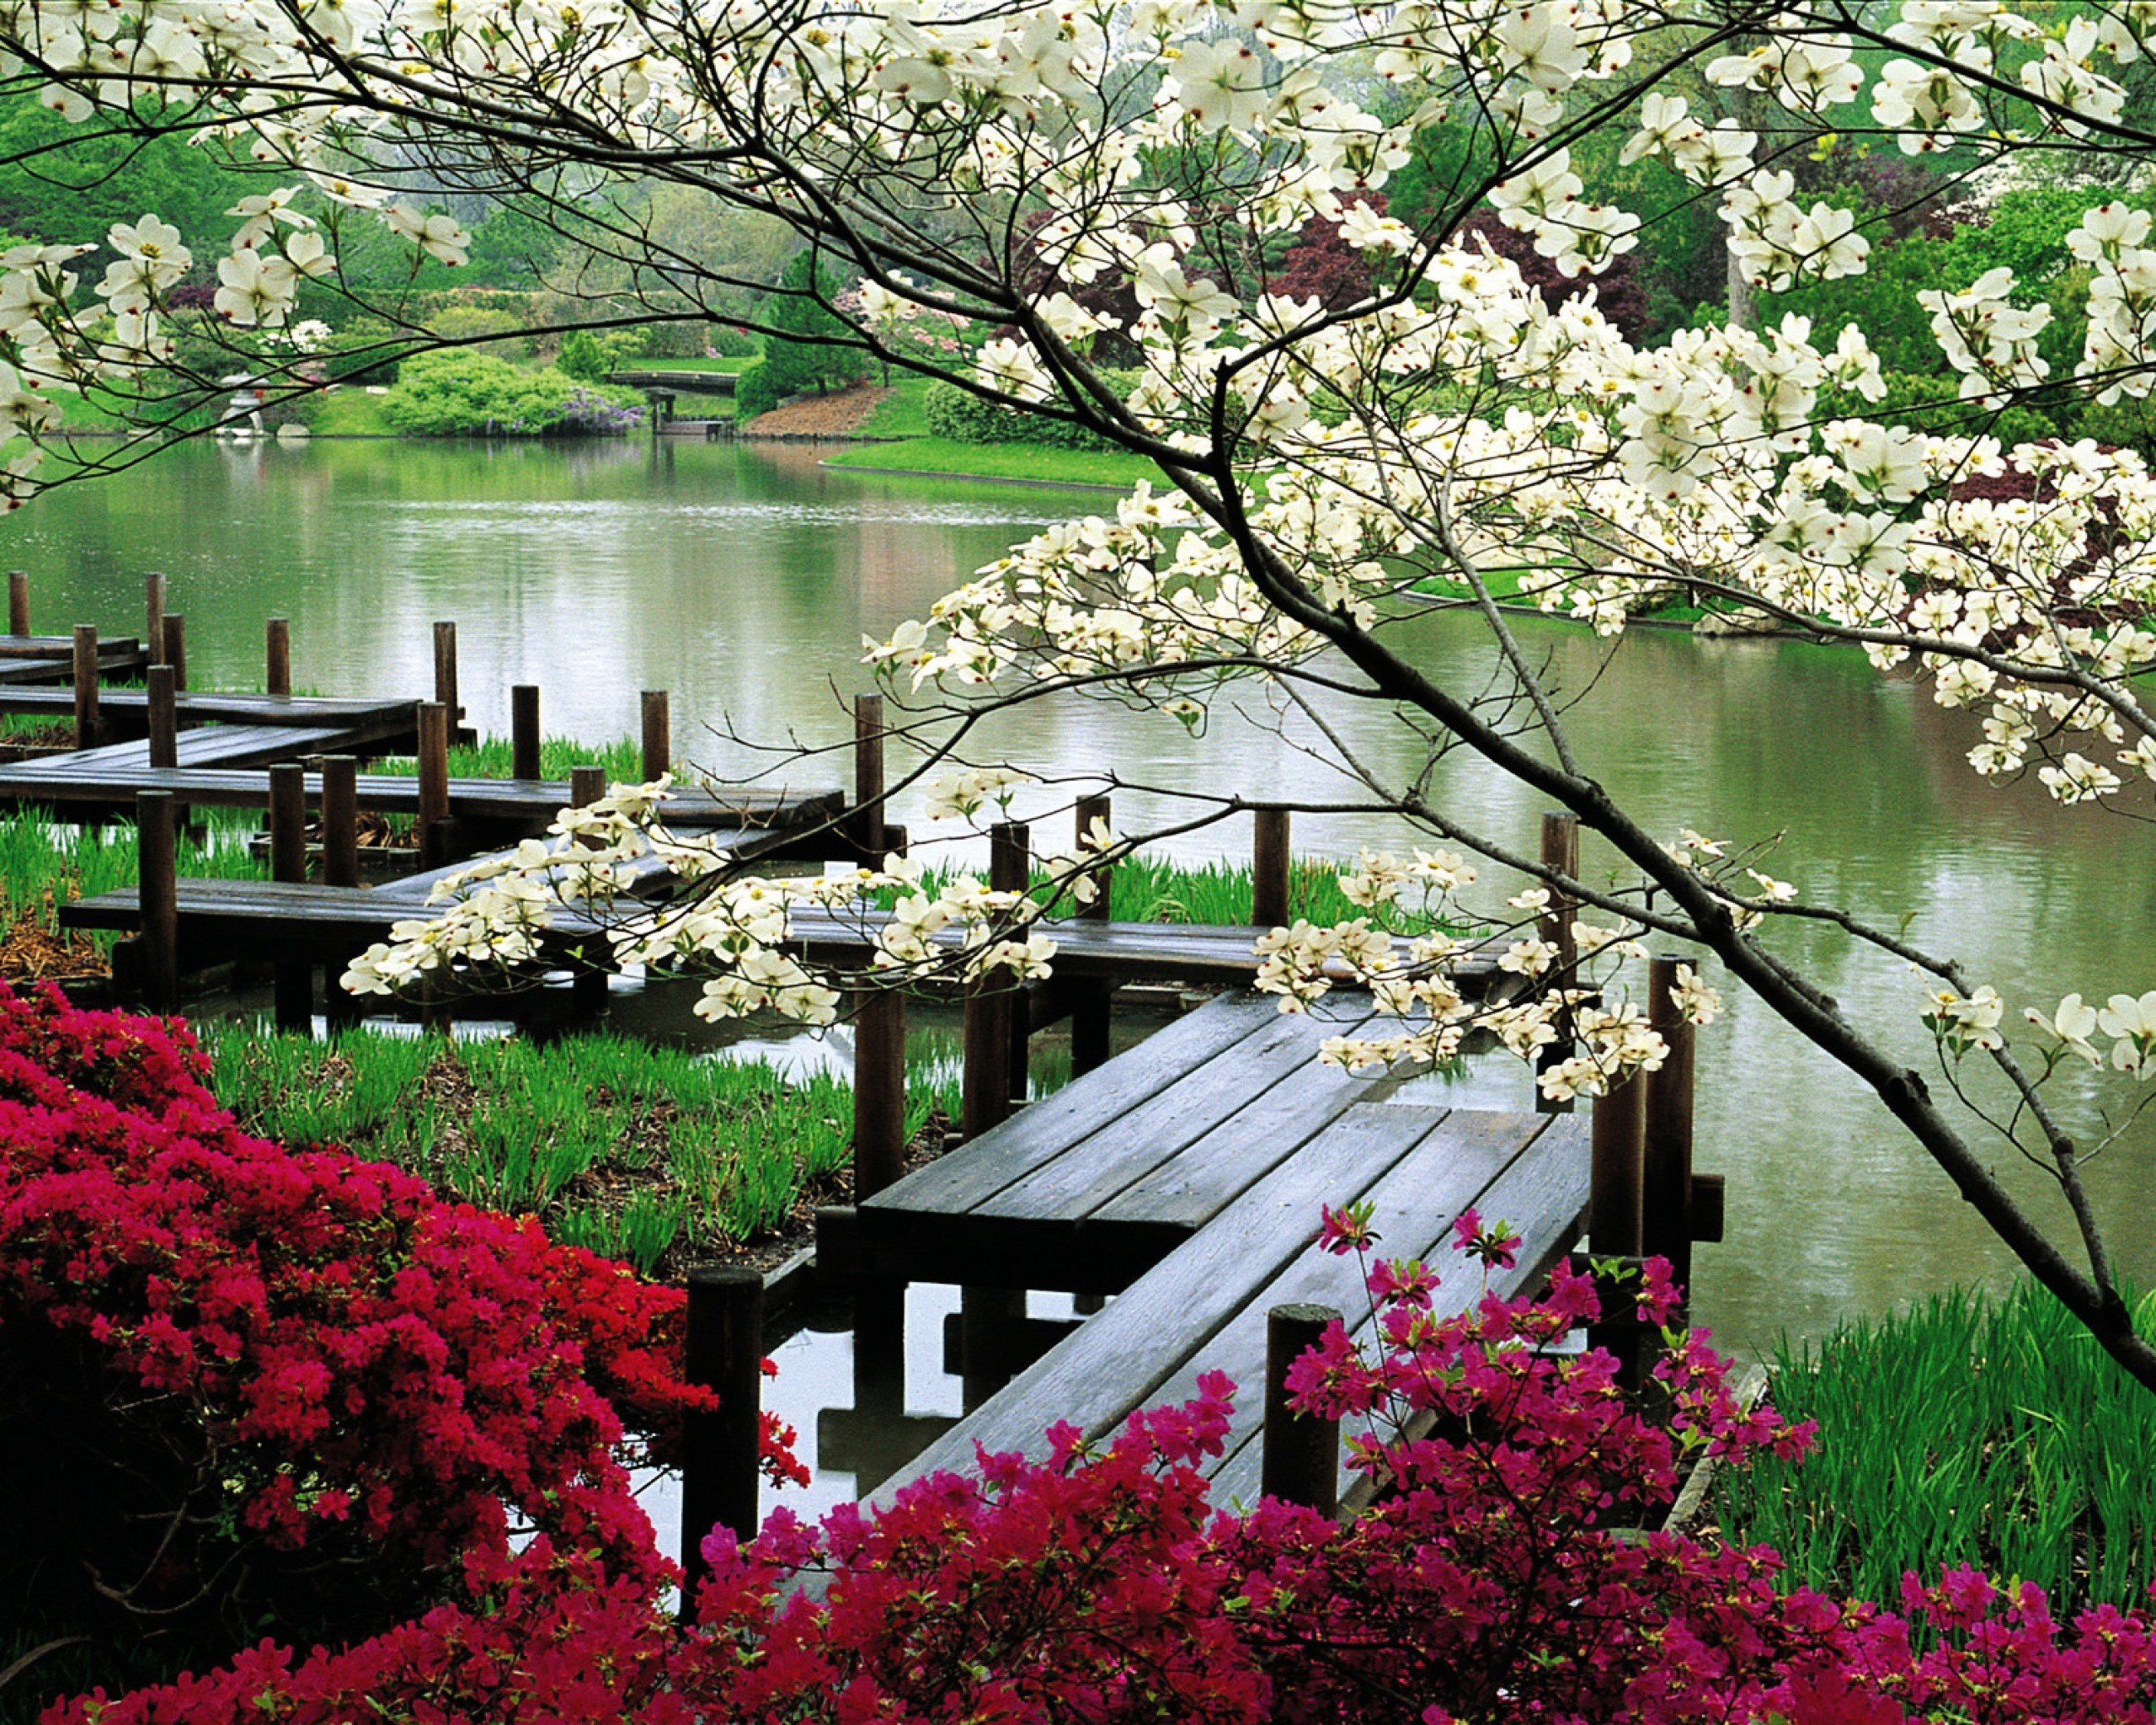 японский сад сад в японском стиле символизм мост яцухаси